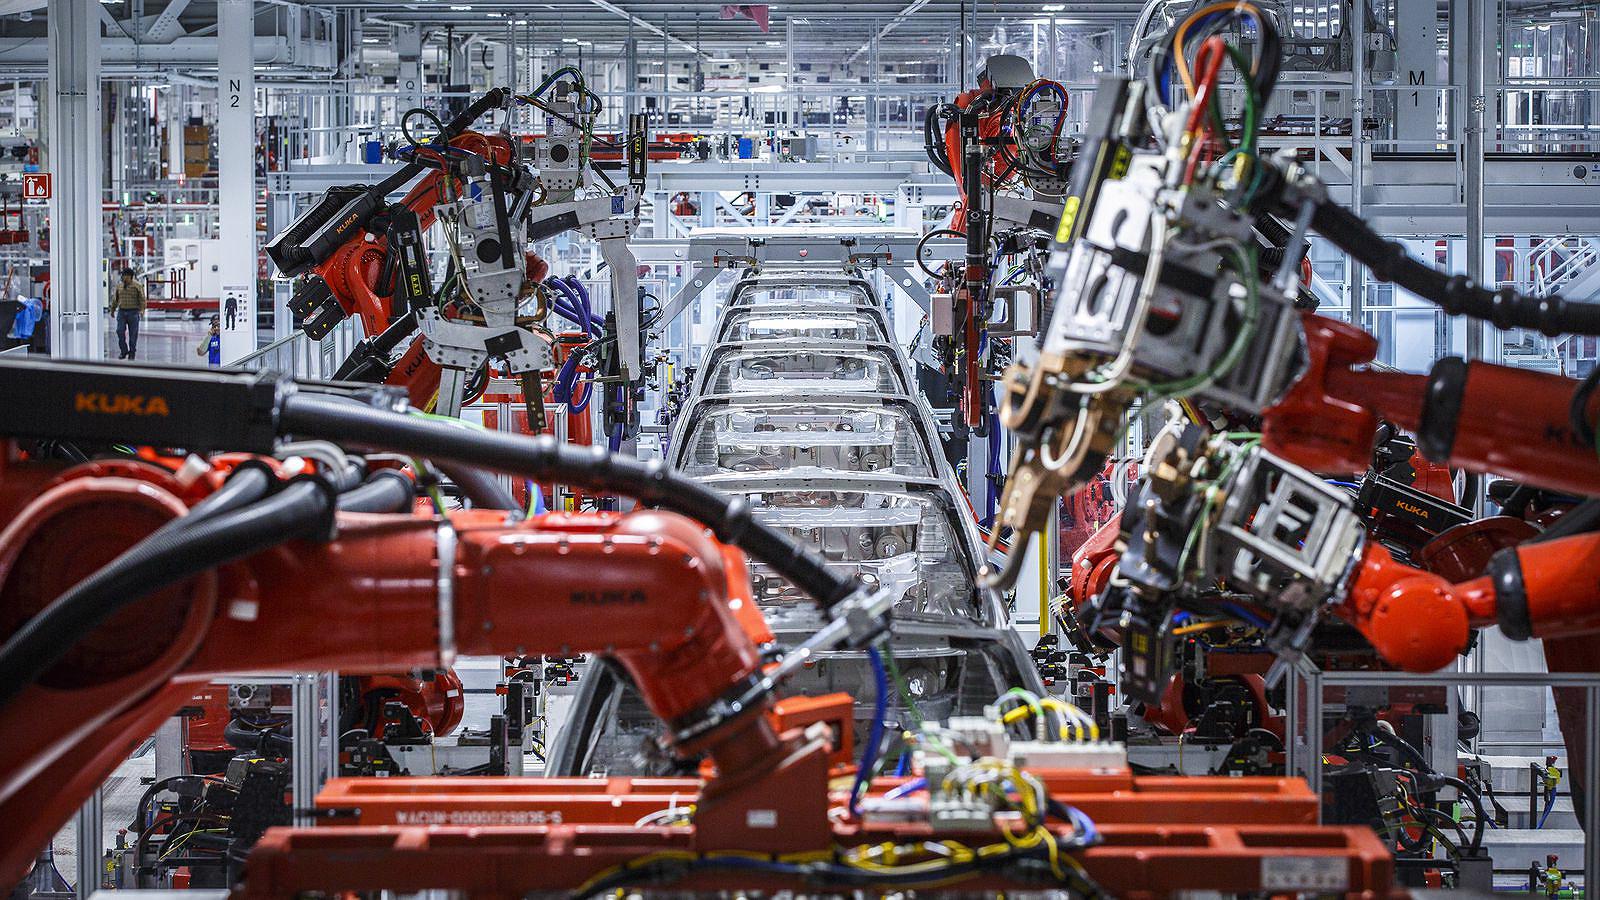 Deutsche Bank posts bullish TSLA outlook after meeting with Tesla executive